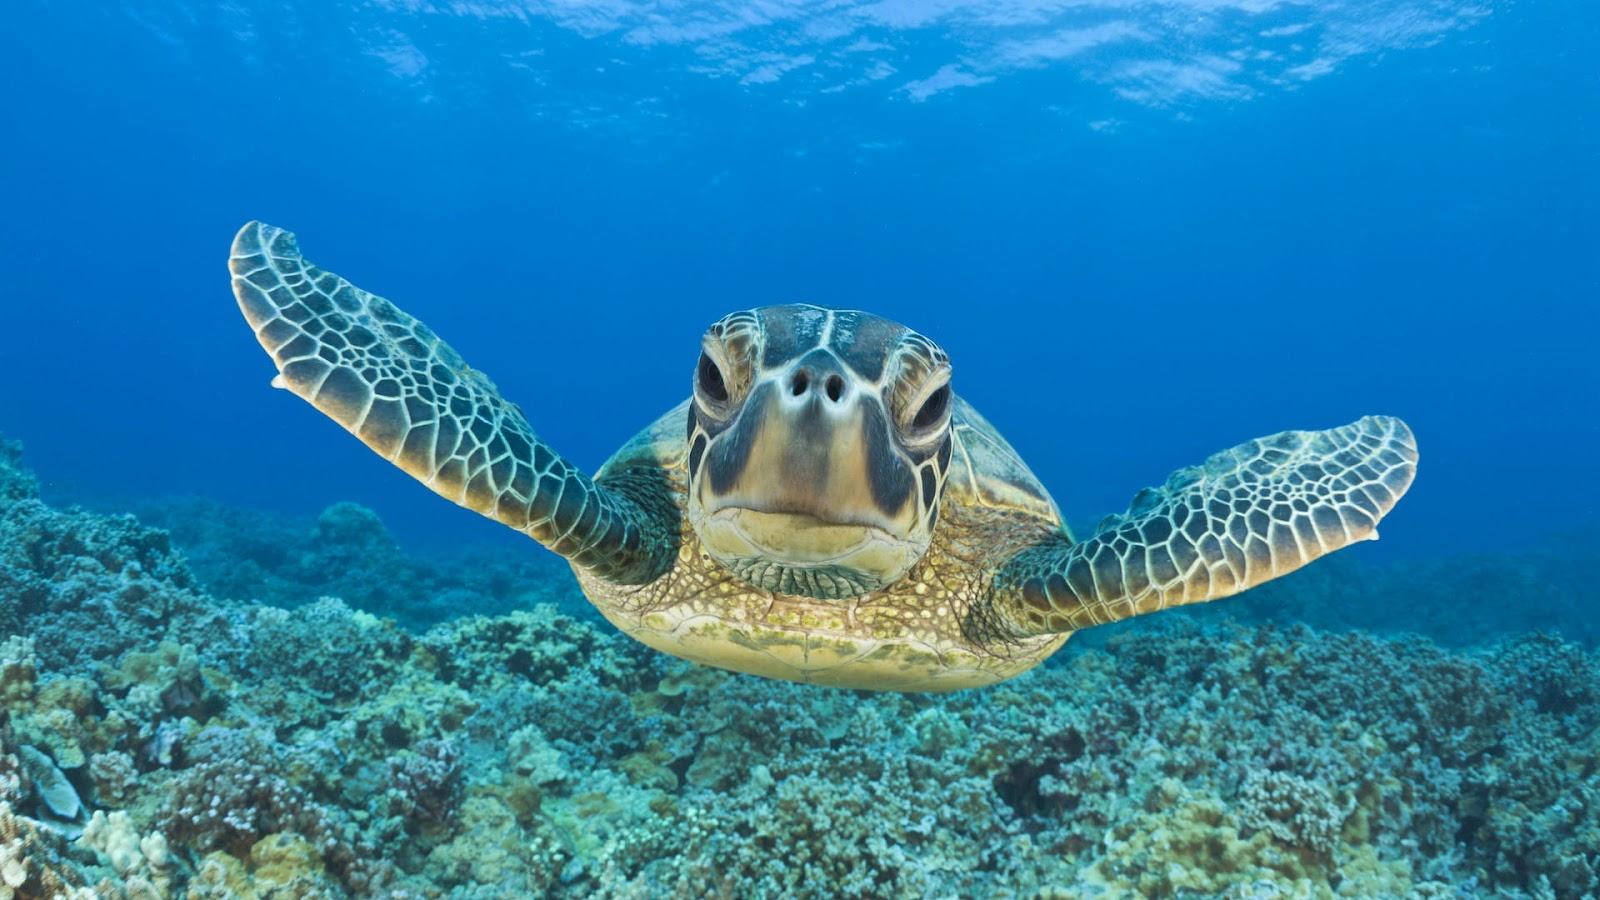 Must see   Wallpaper Horse Ocean - Turtle+hd+wallpaper+42  Gallery_68467.jpg